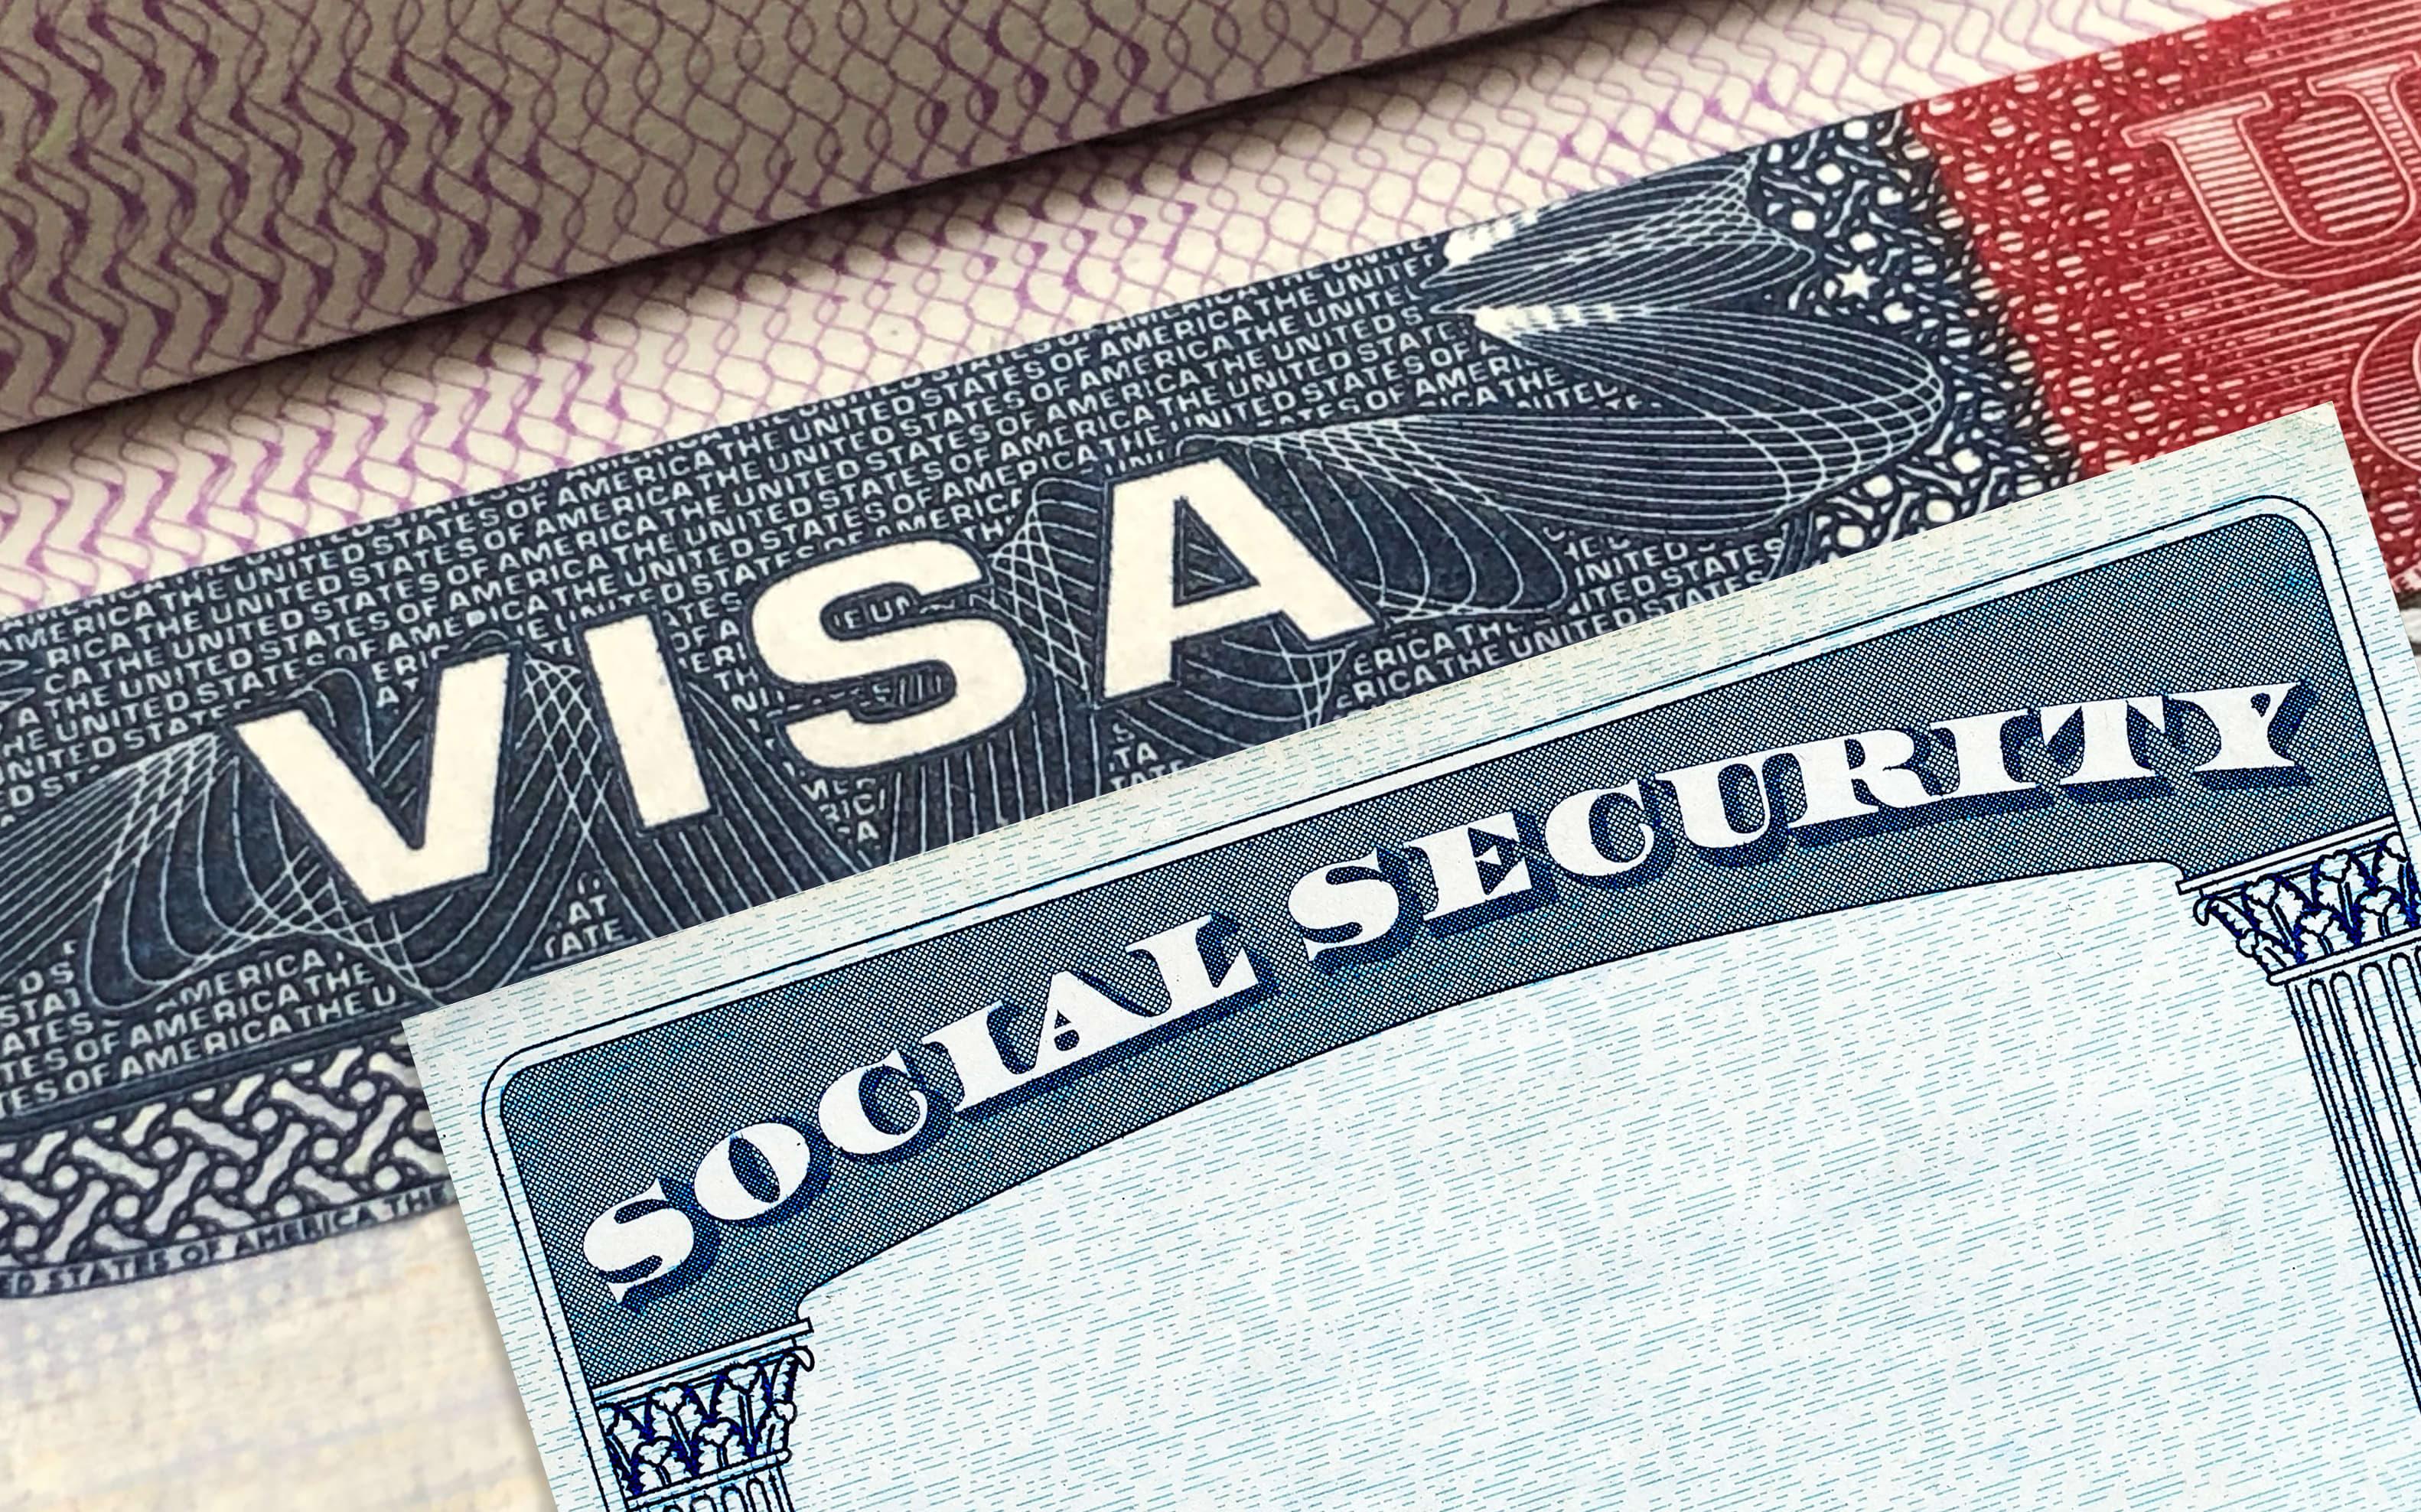 Lotería de visas: Fecha de inscripción y requisitos; incluyen a Perú